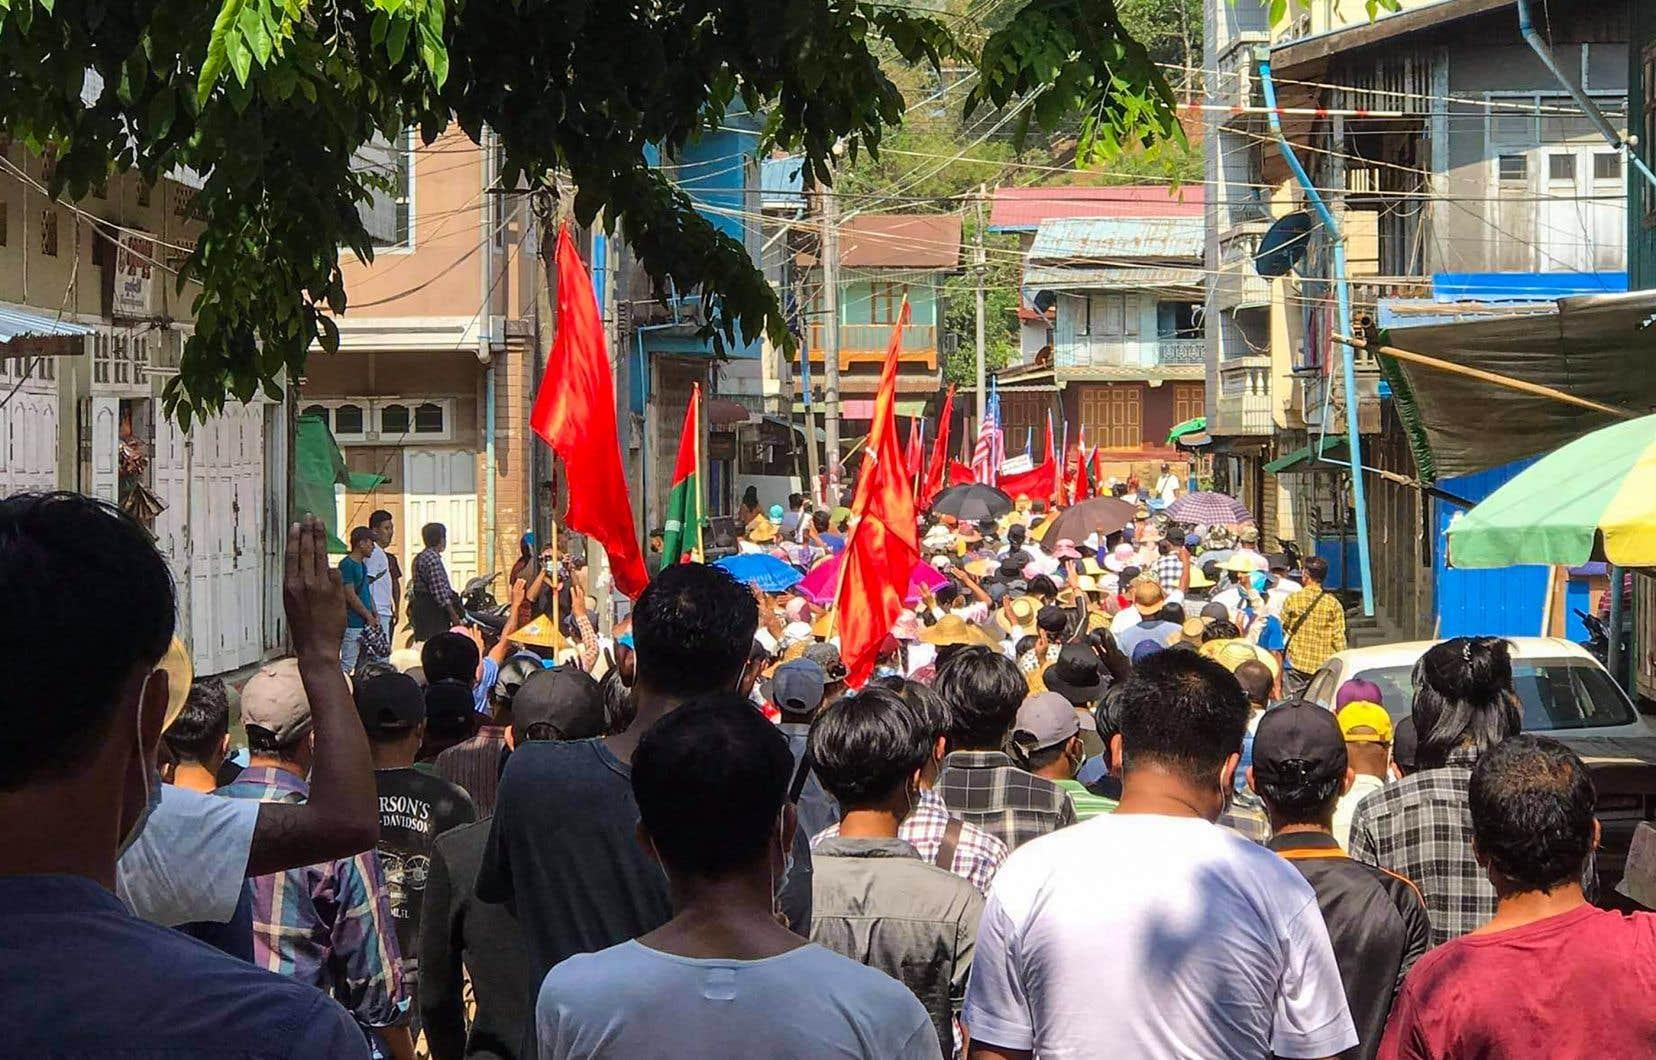 Au moins 796opposants au putsch ont été tués par les forces de l'ordre myanmaraises depuis le 1erfévrier, selon une ONG locale, et près de 4000 ont été emprisonnés.